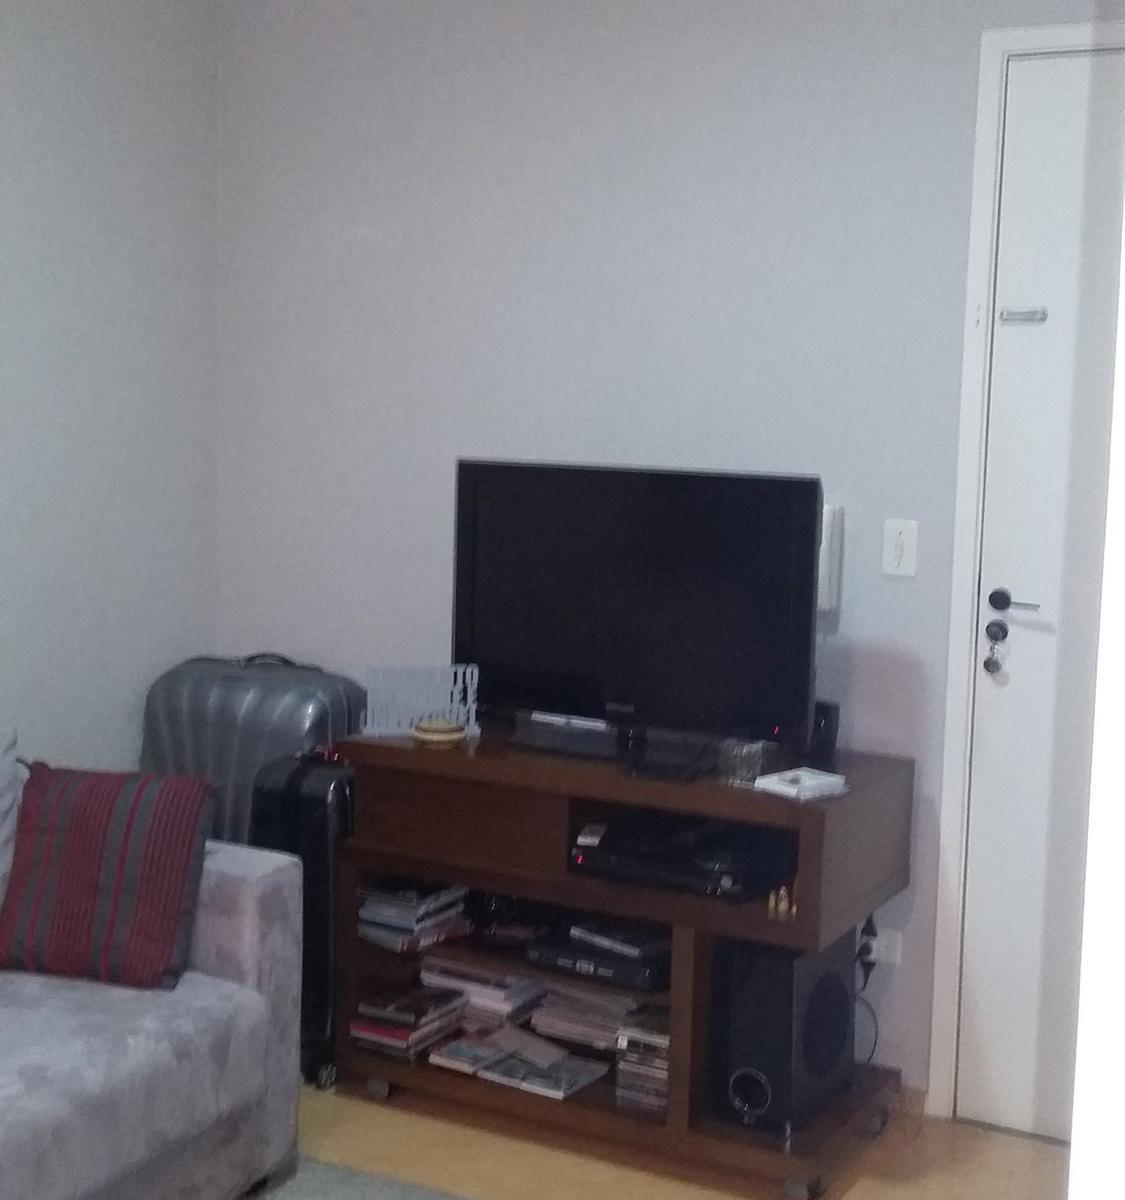 Apartamento para aluguel com 1 Quarto Vila Mariana São Paulo R$ 1  #7B654E 1125x1200 Banheiro De Apartamento Tipo Studio